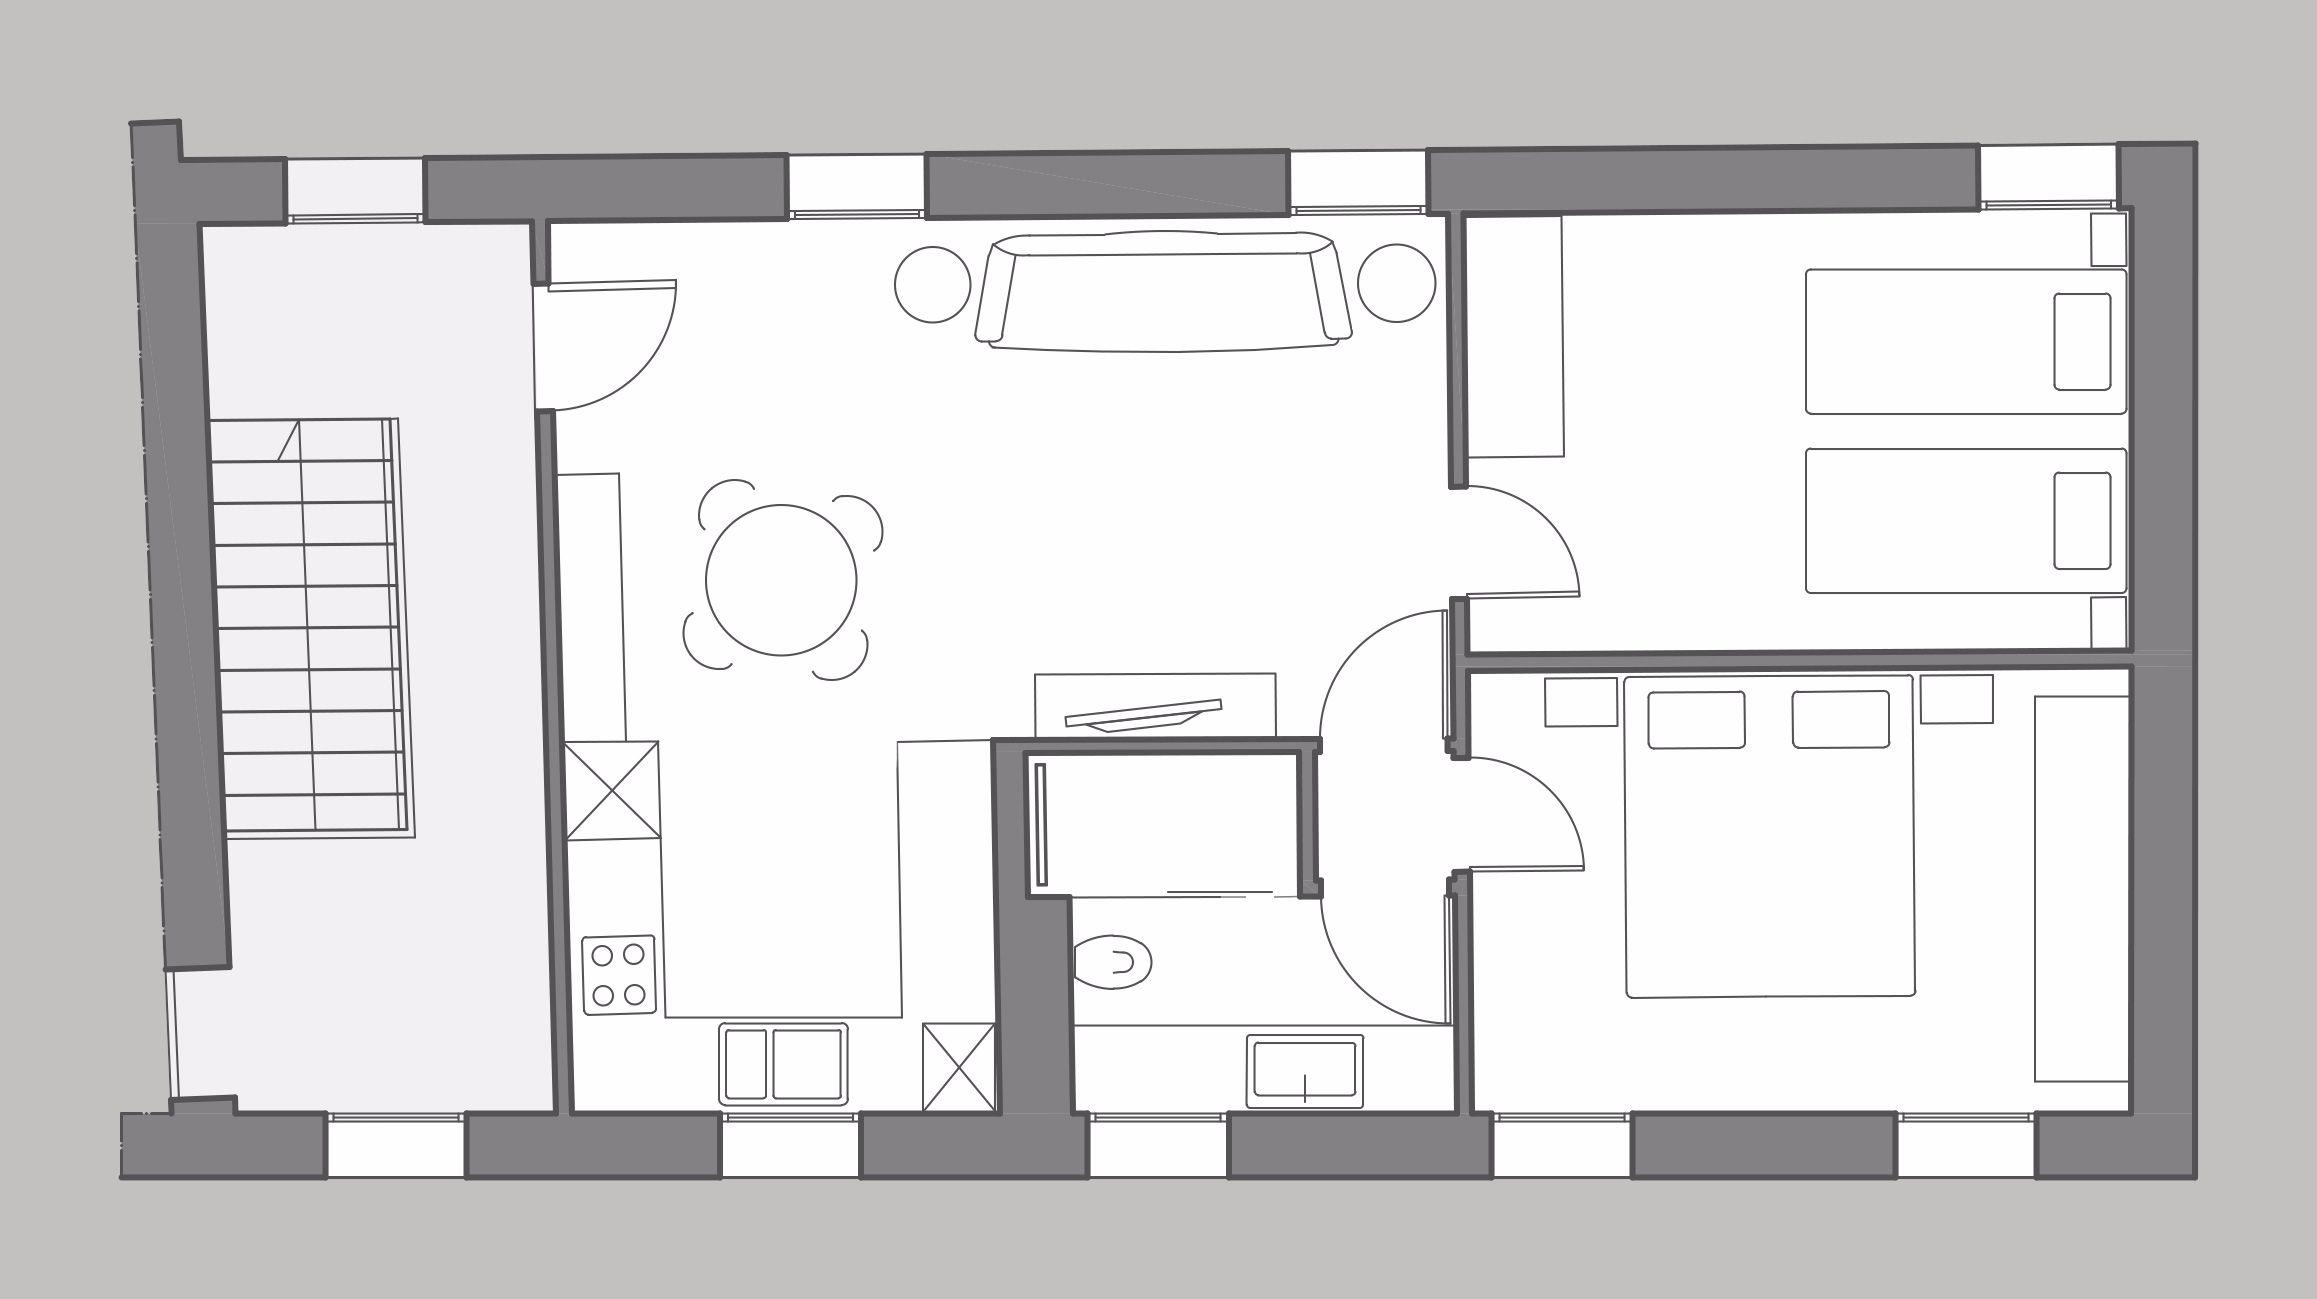 Zen floor plan